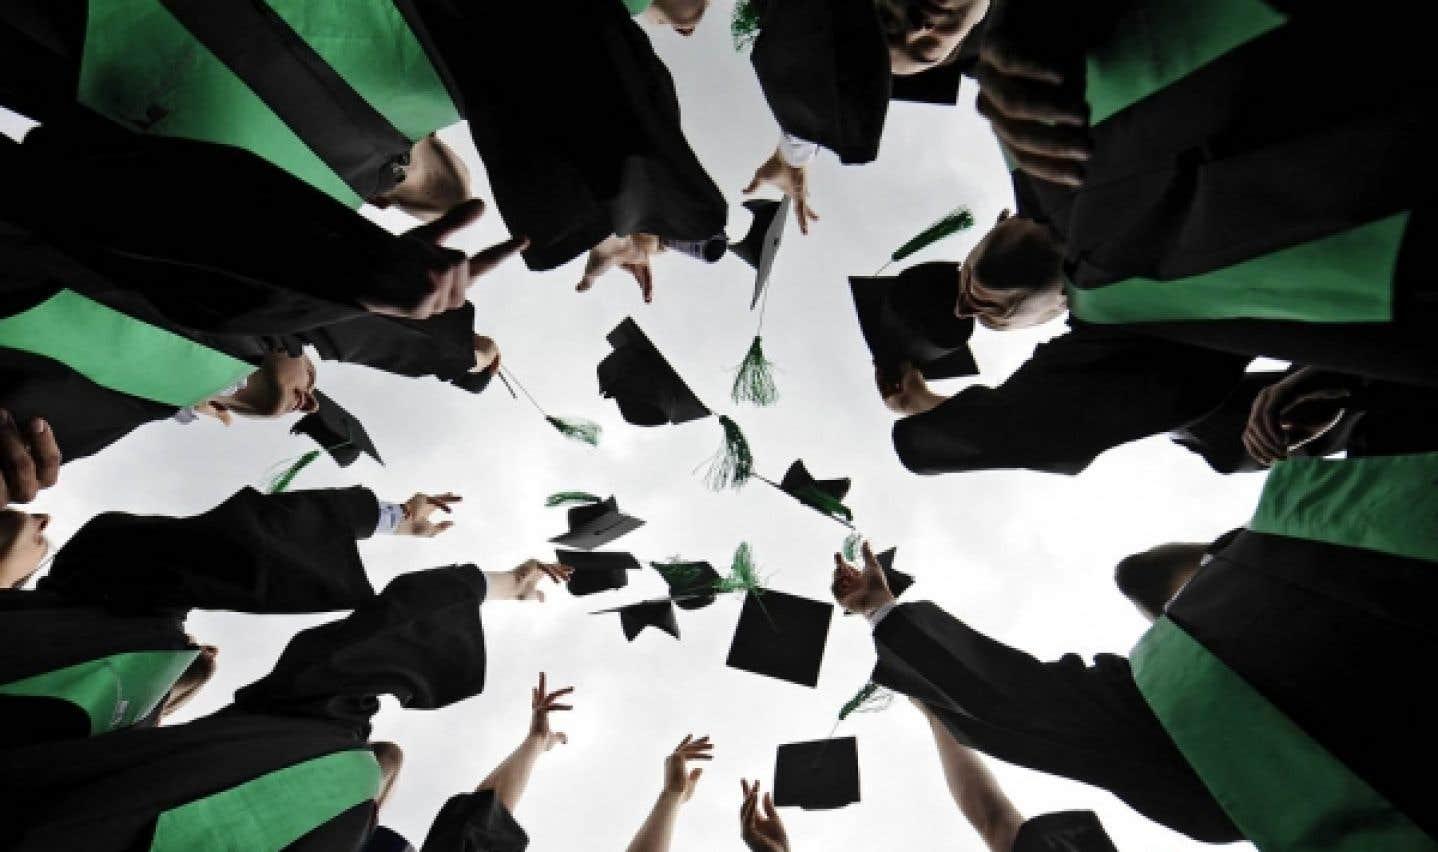 Une fois leur baccalauréat terminé, de nombreux étudiants optent pour des études supérieures.